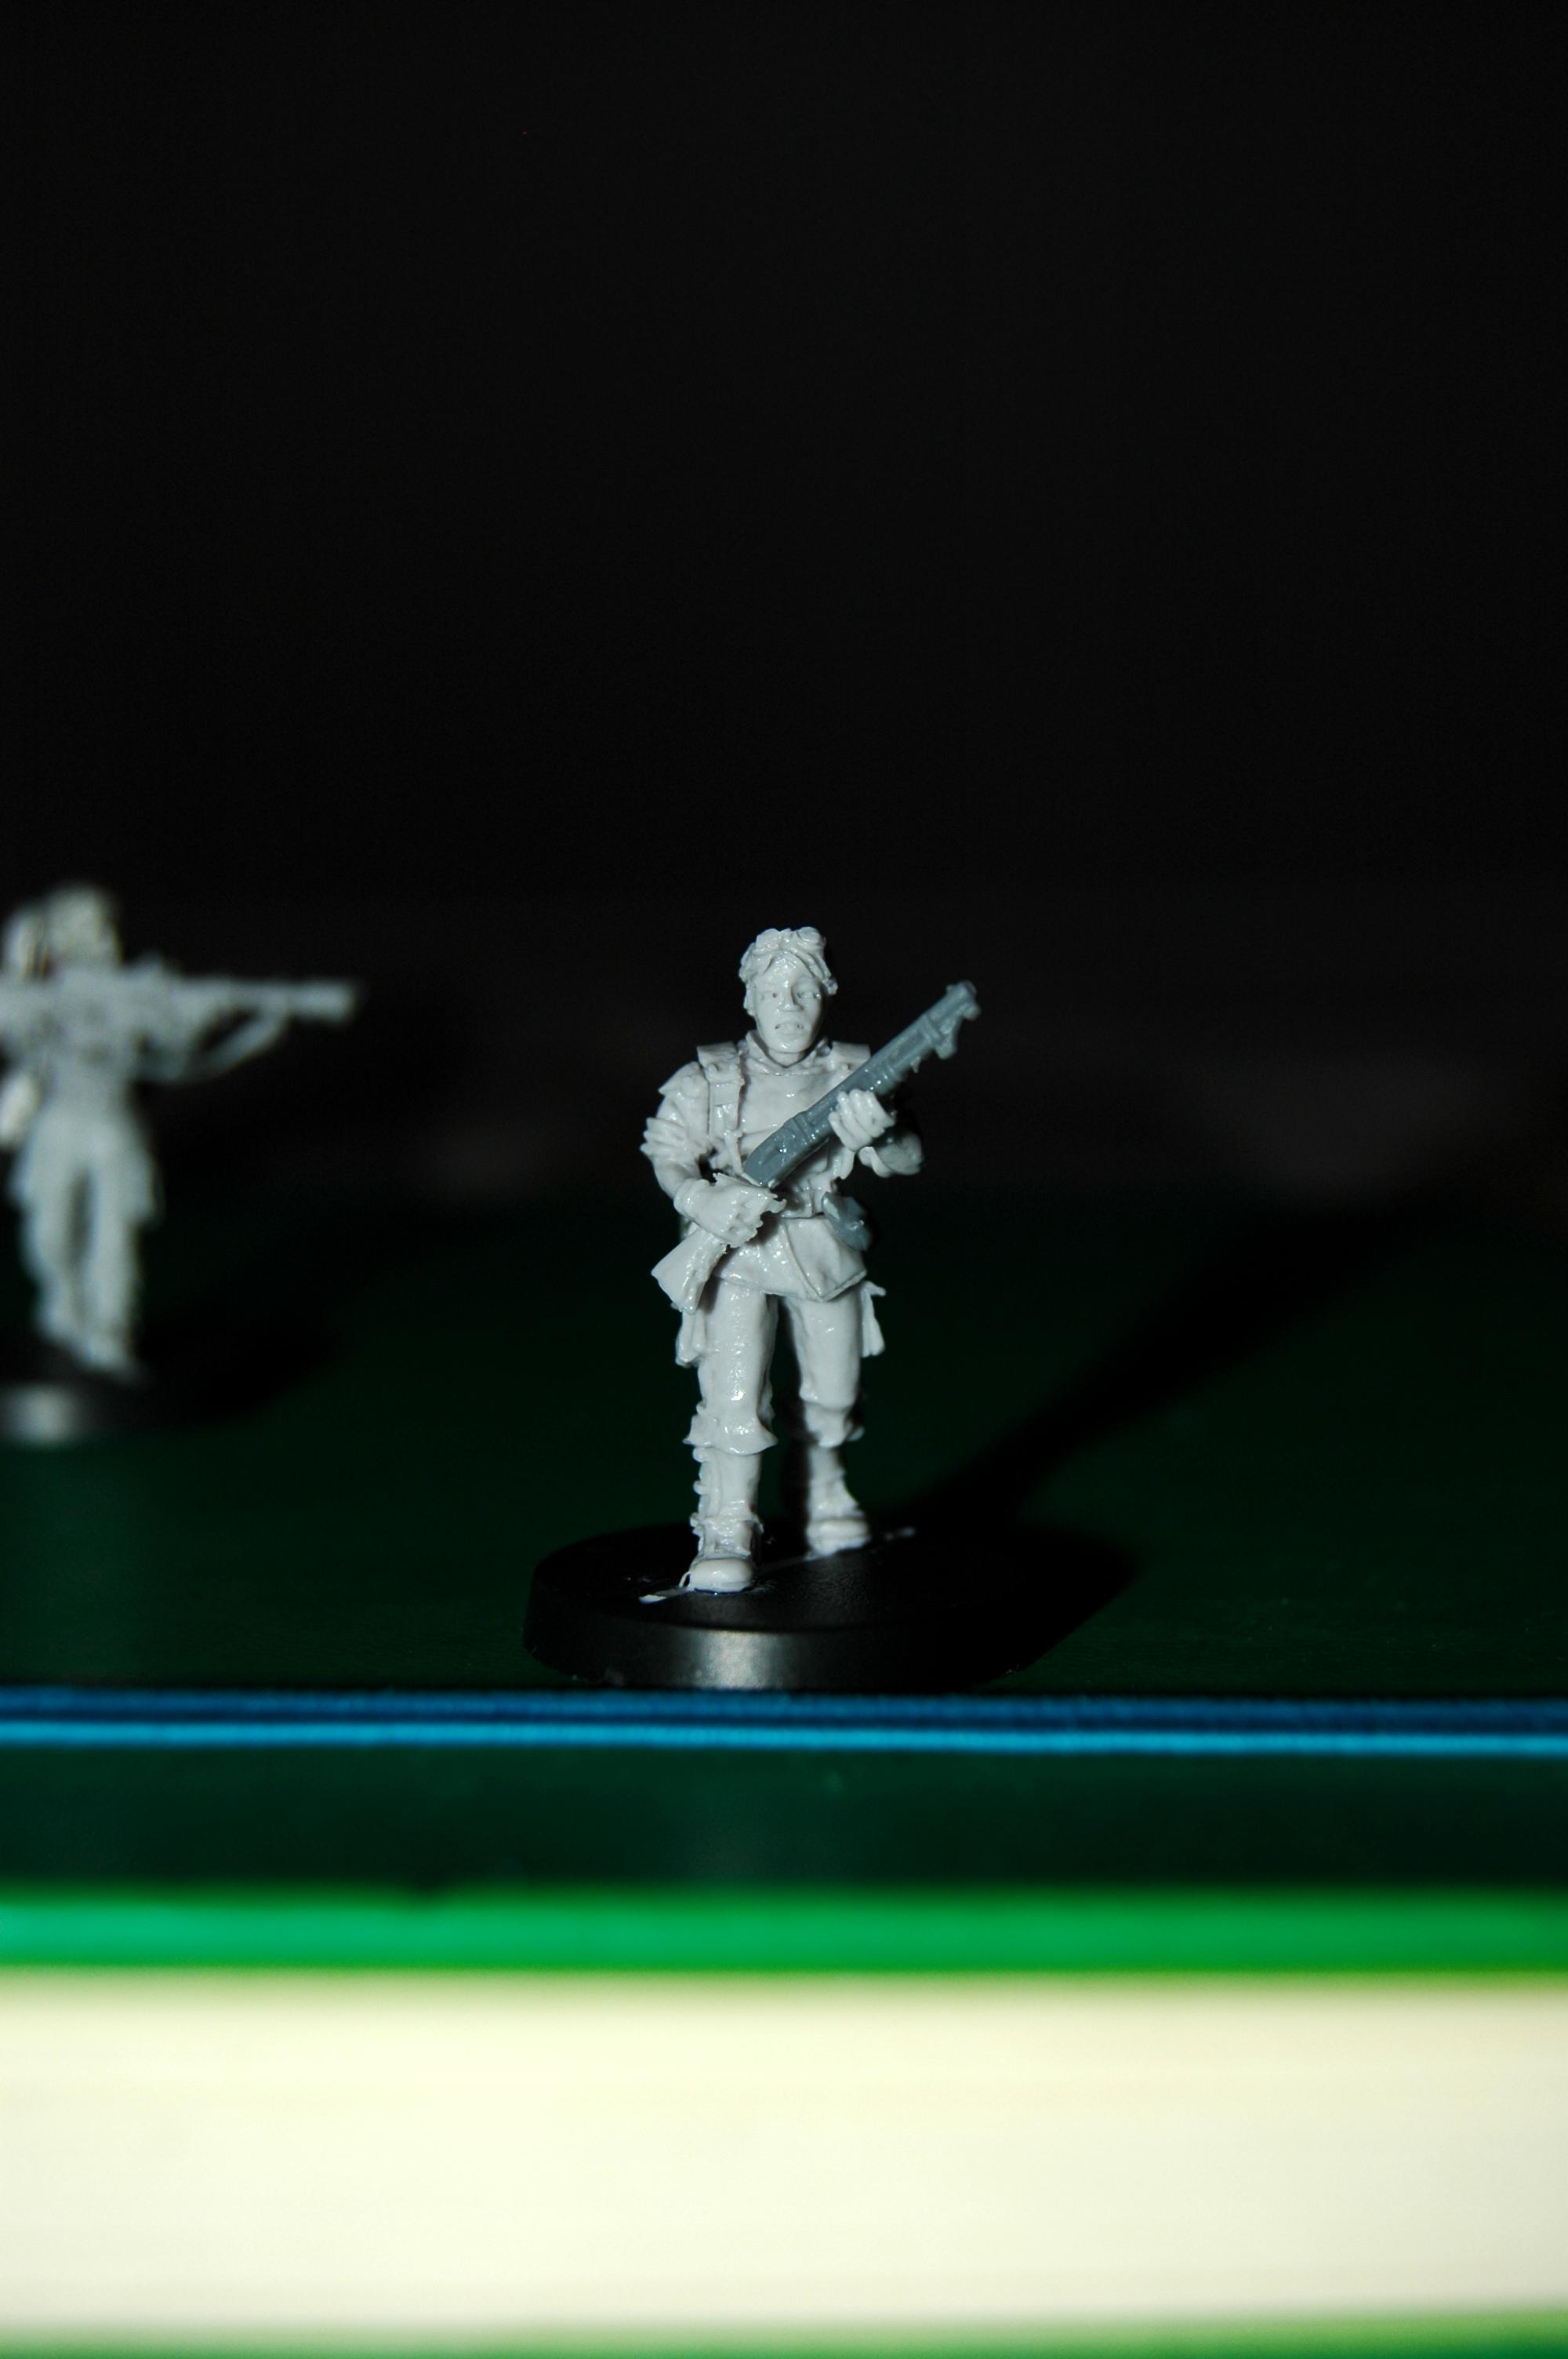 Astra Militarum, Imperial Guard, Minerva, Minervan Guard, Shotgun, Veteran, Victoria Lamb